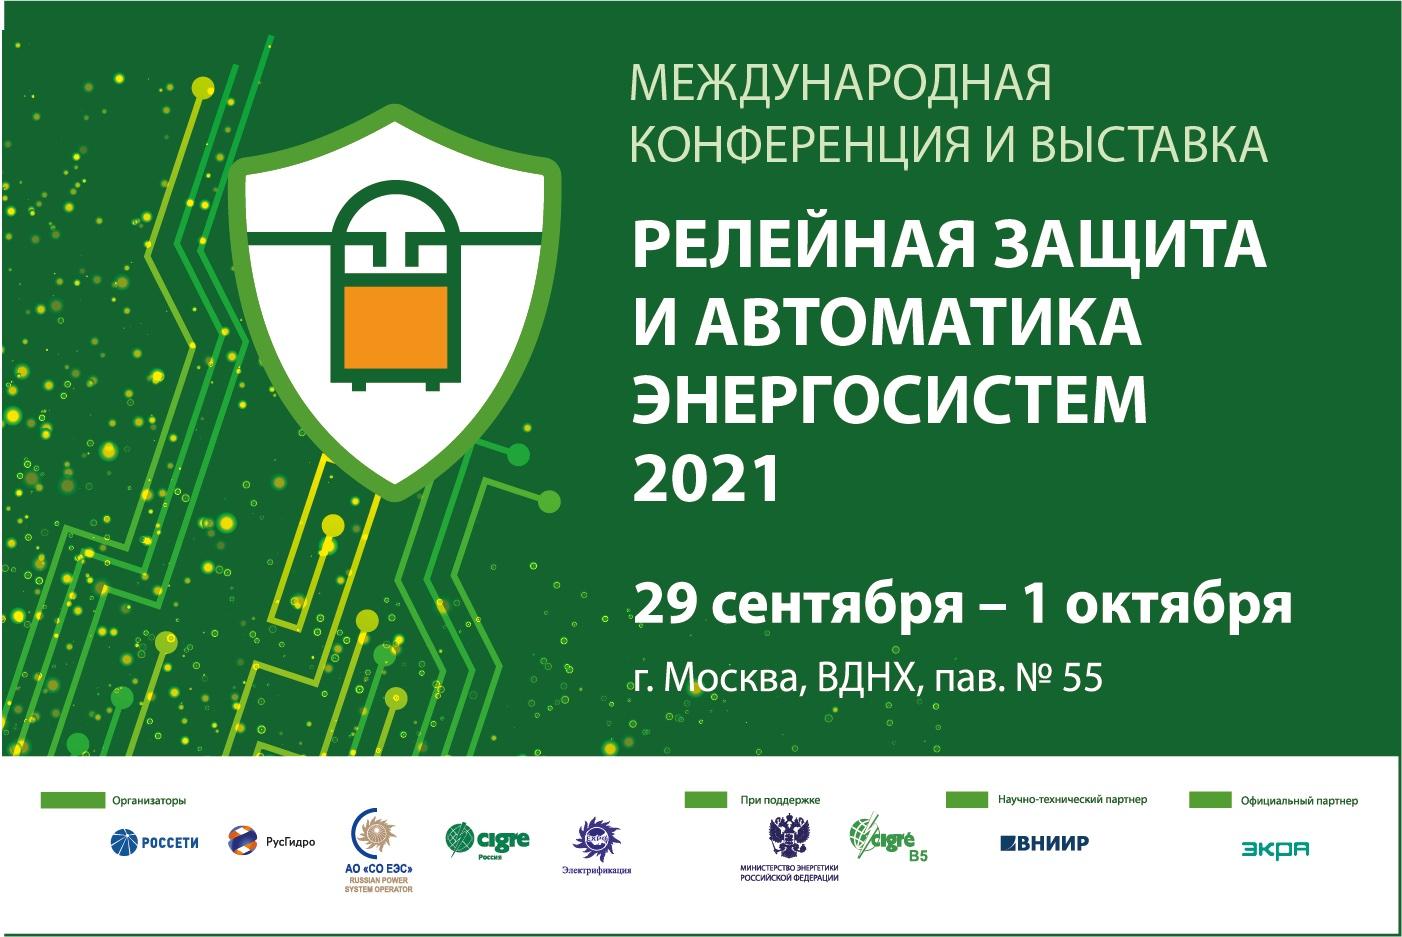 В Москве обсудят существующие и перспективные направления развития релейной защиты, противоаварийной и режимной автоматики